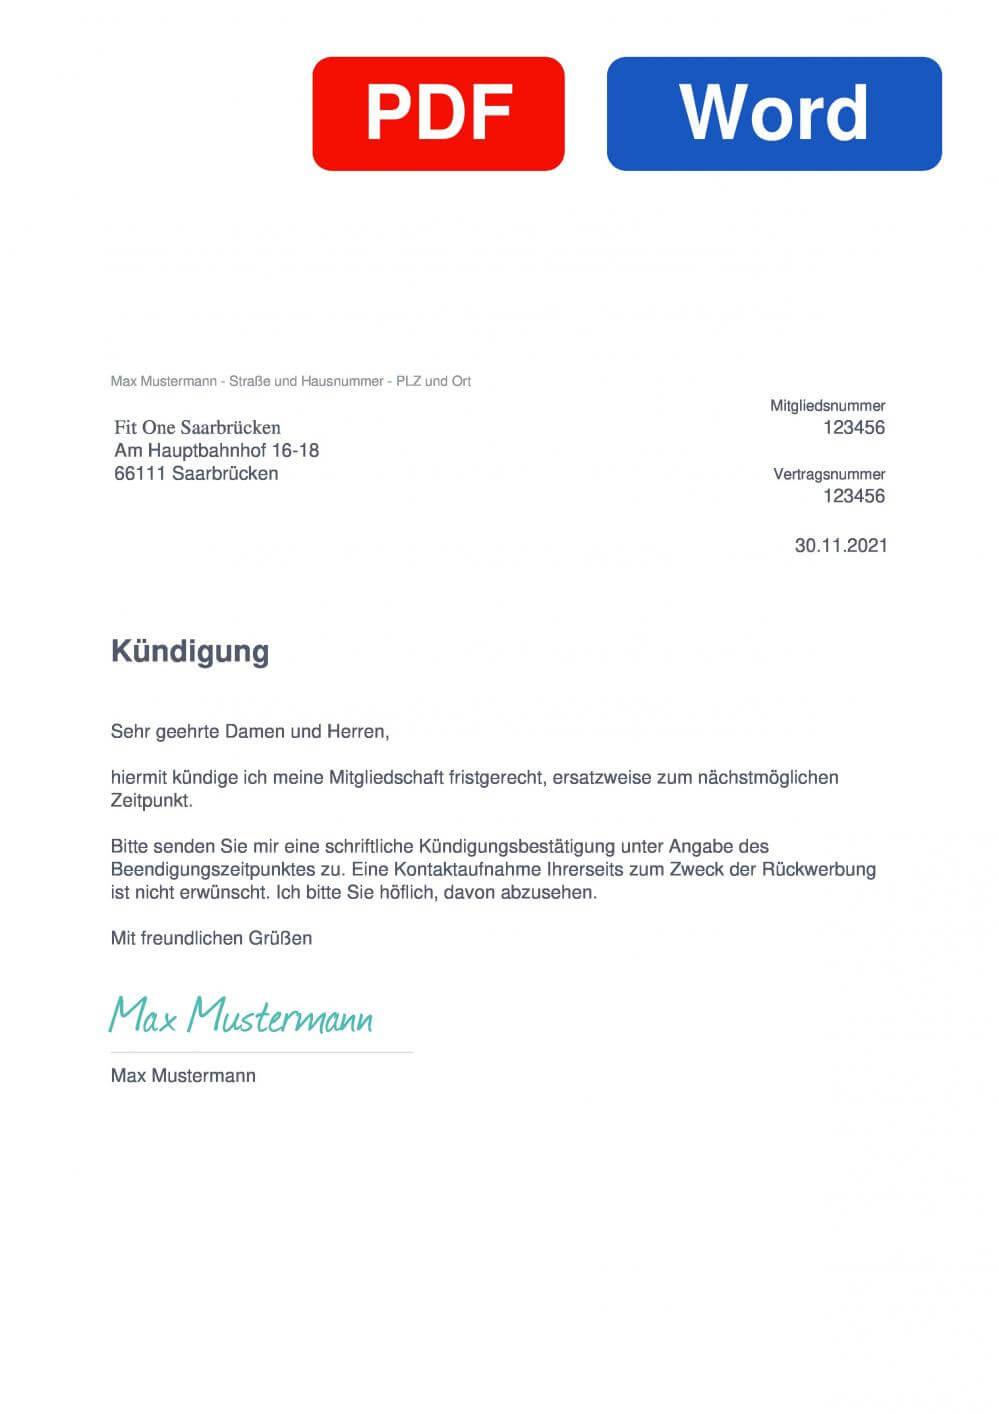 FIT/ONE Saarbrücken Muster Vorlage für Kündigungsschreiben